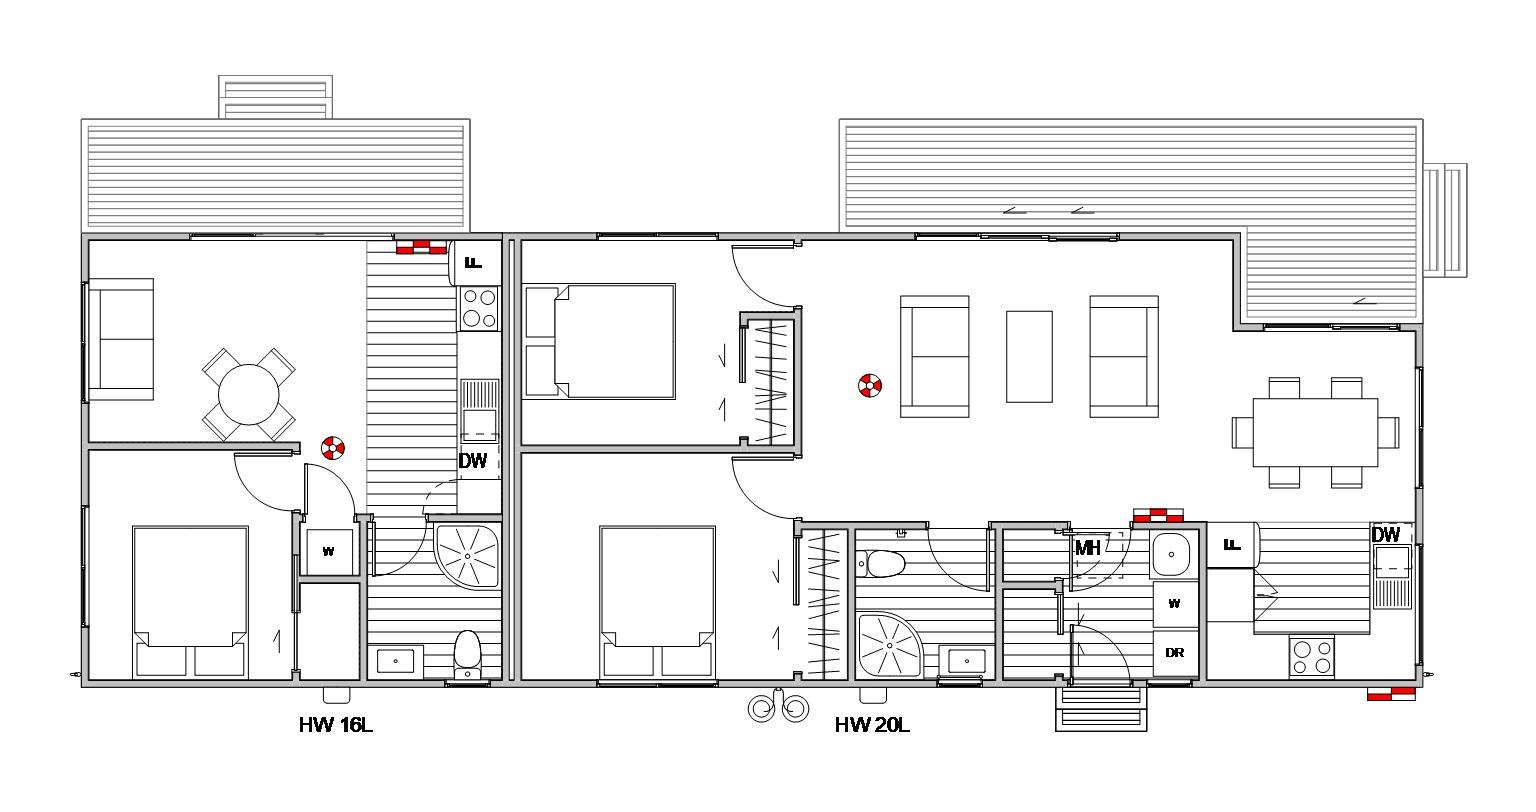 Roxburgh 2 bedroom floorplan with 1 bedroom annex